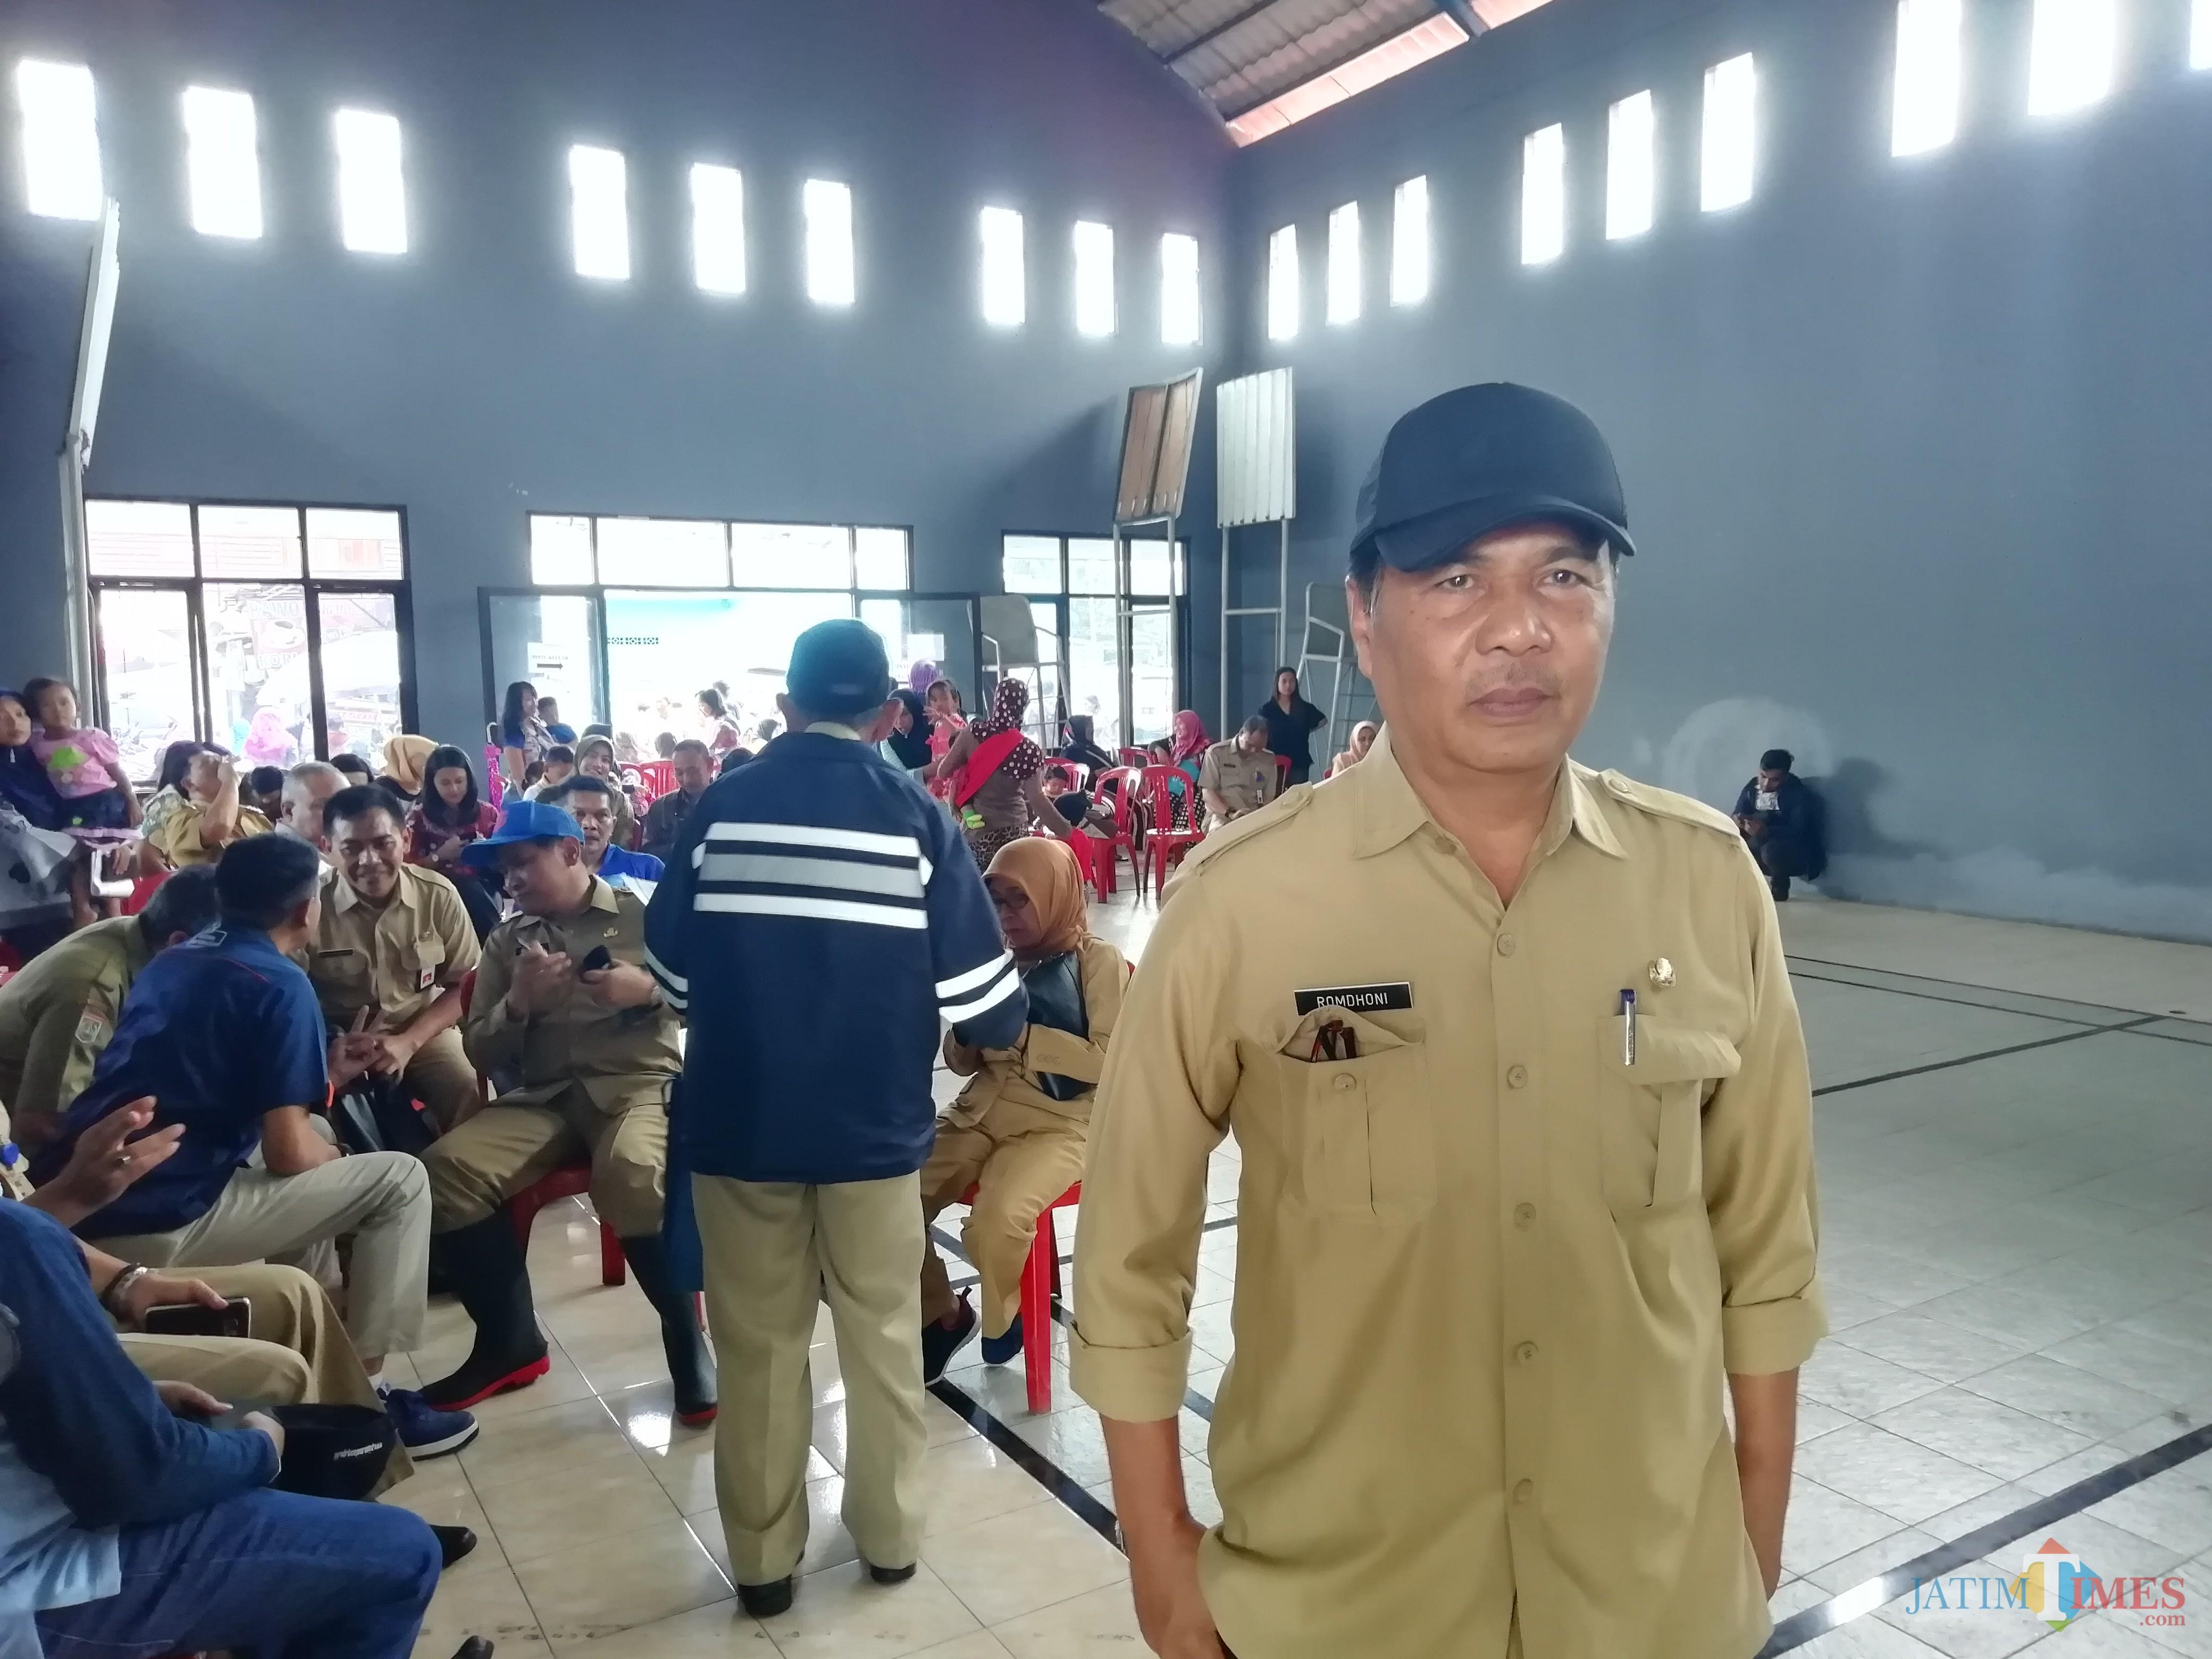 Kepala DPUBM Kabupaten Malang Romdhoni menjelaskan berbagai pertimbangan pembangunan jalan yang secara langsung merubah pola dan fungsi jalan (Nana)